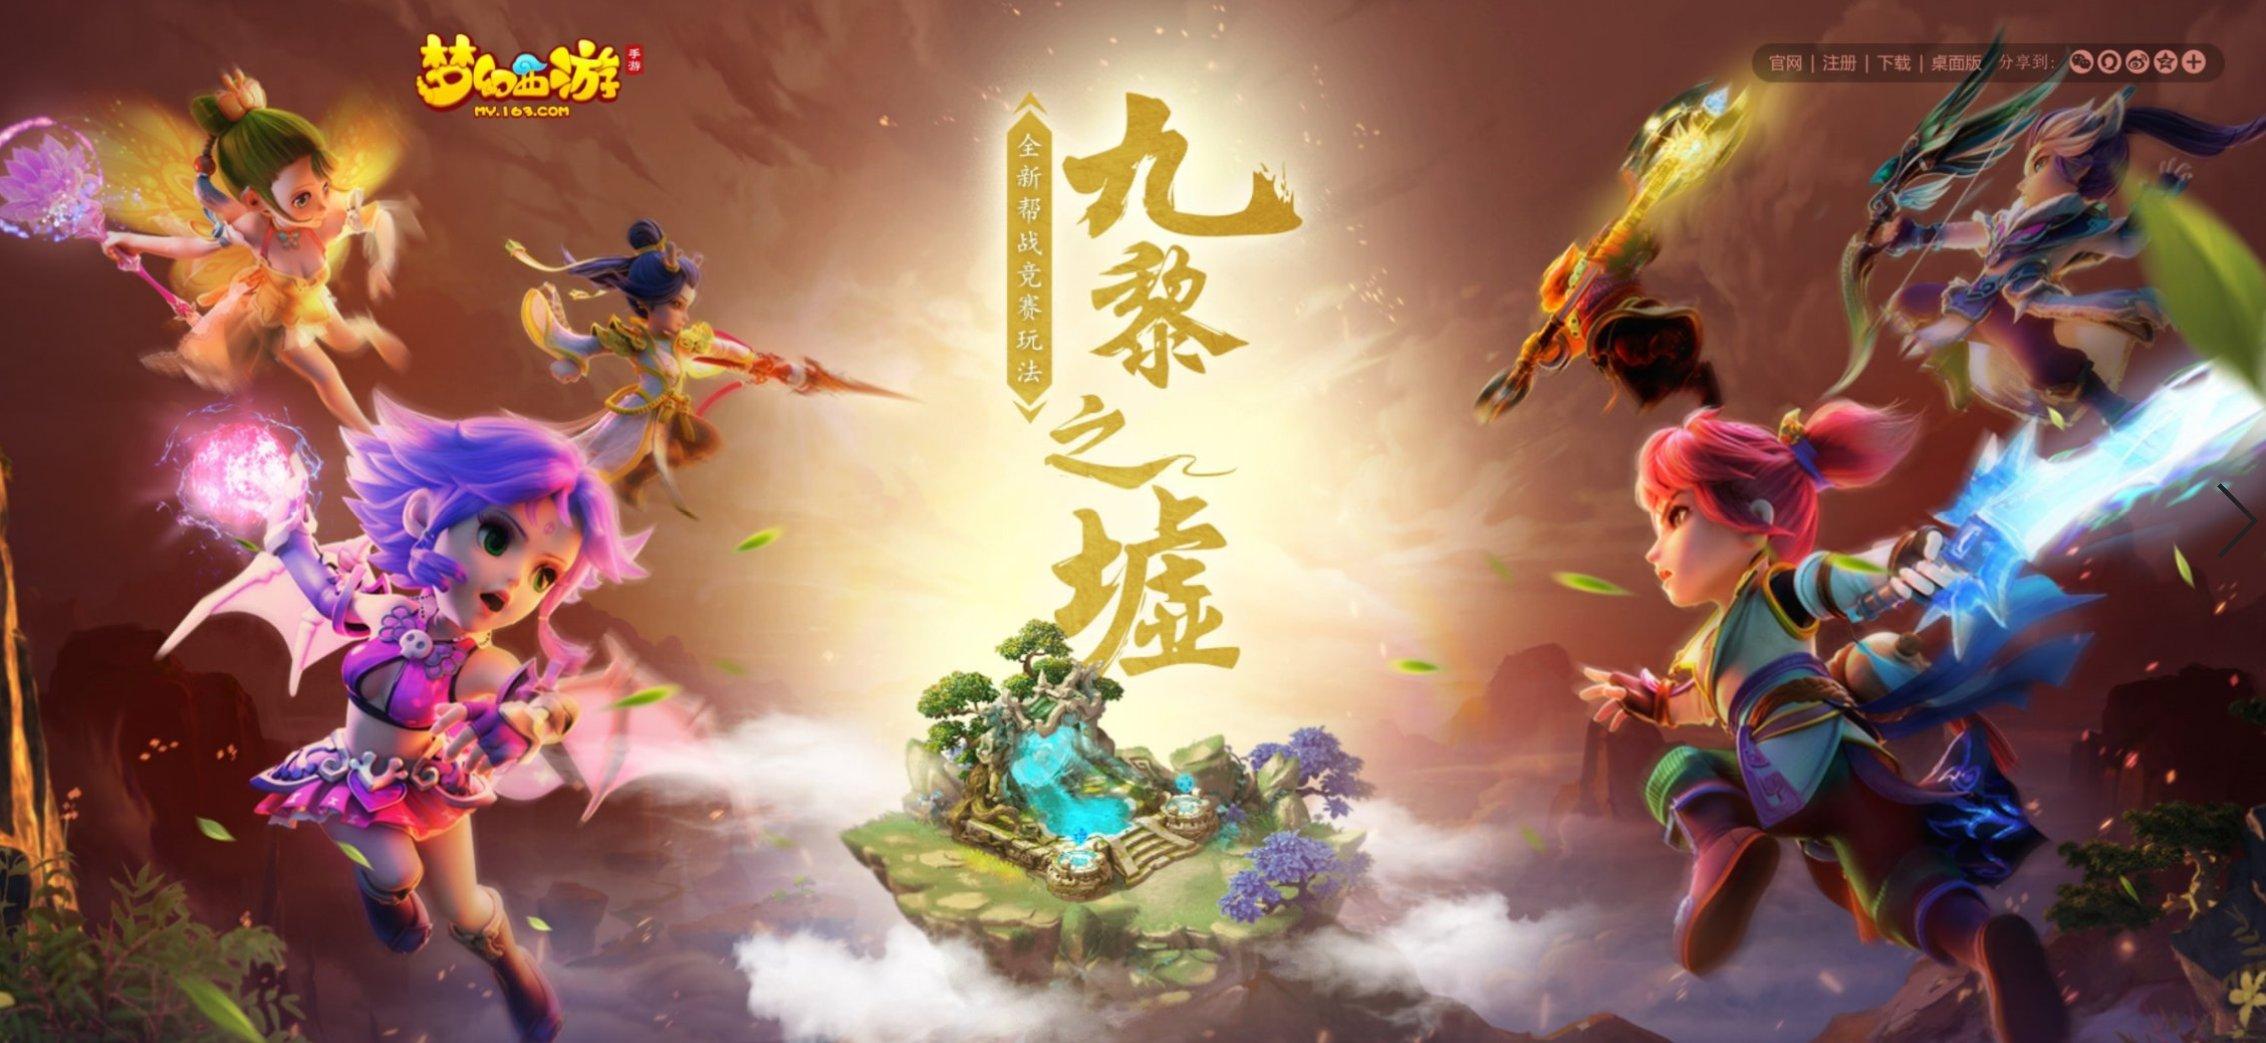 群雄逐鹿,《梦幻西游》手游九黎之墟全新赛季报名开启